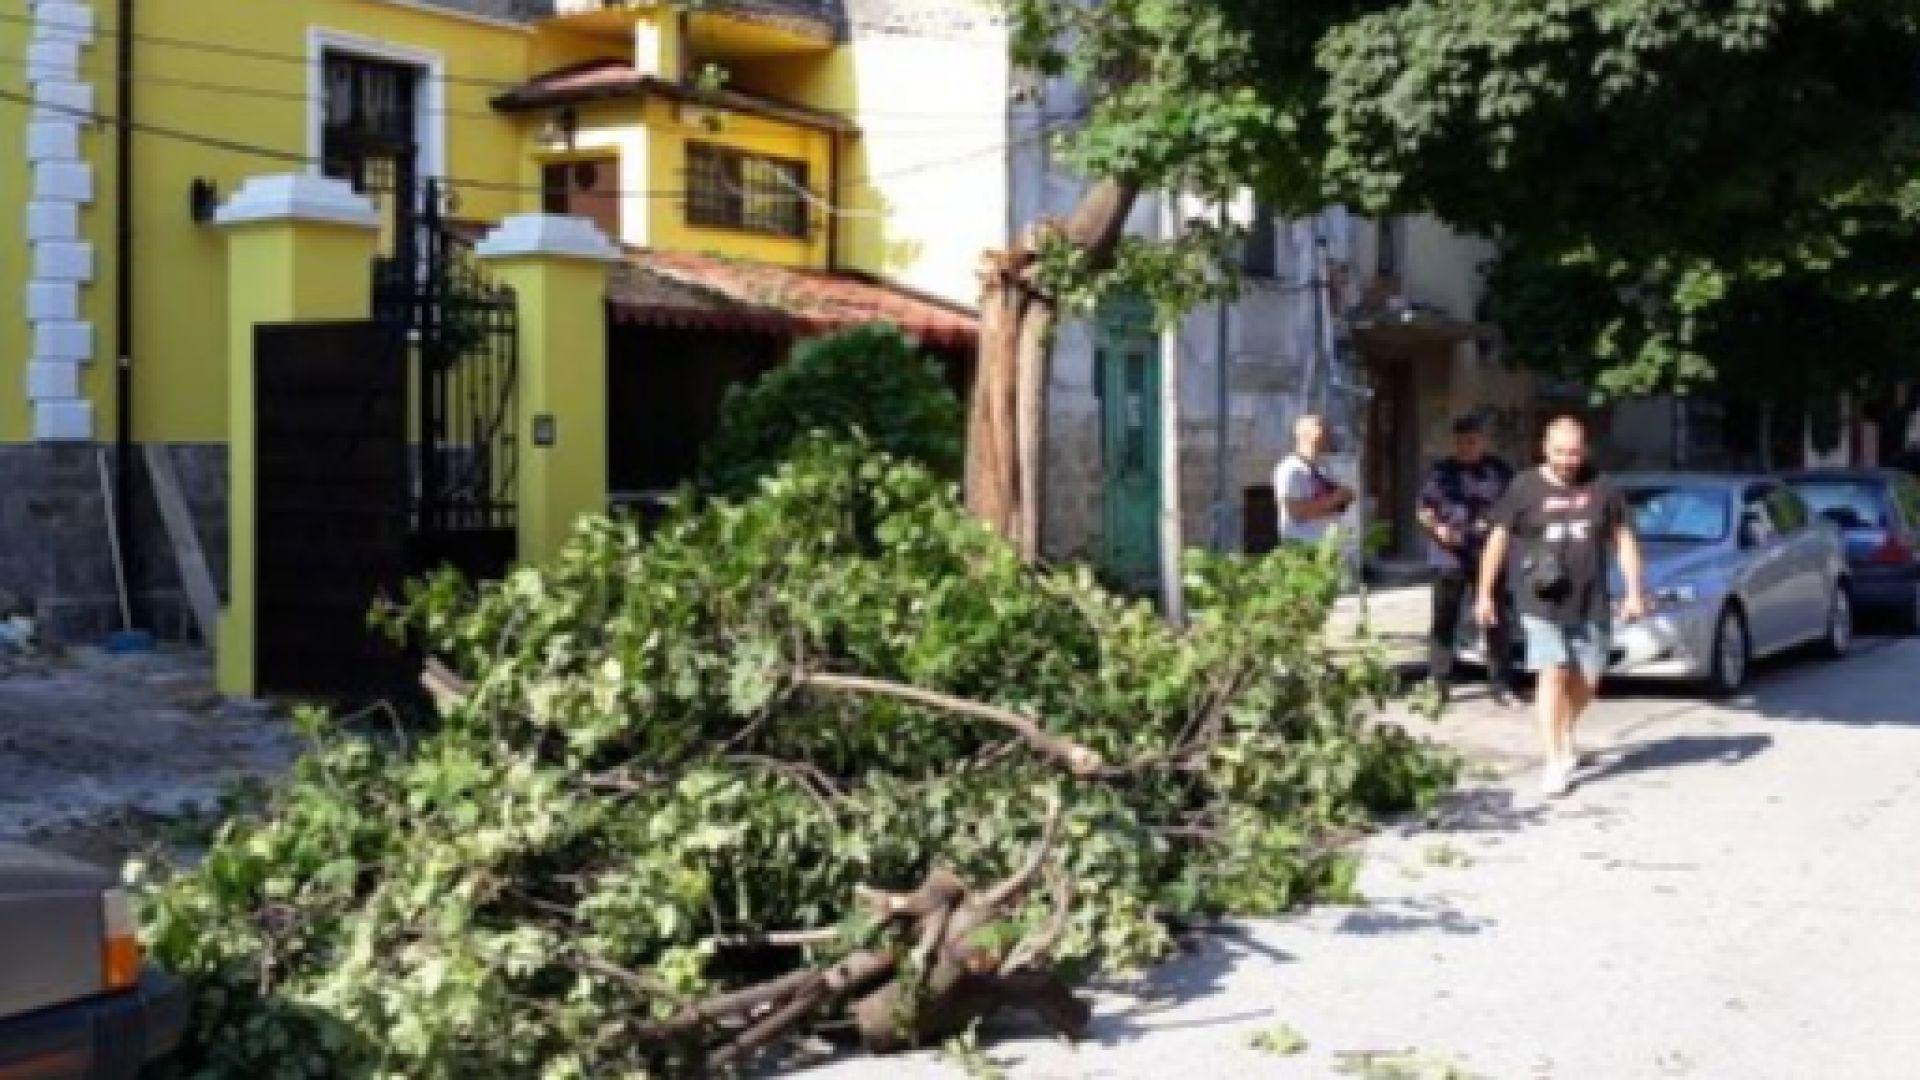 Дърво падна върху къща в Пловдив, друго потроши коли в бурята (снимки)